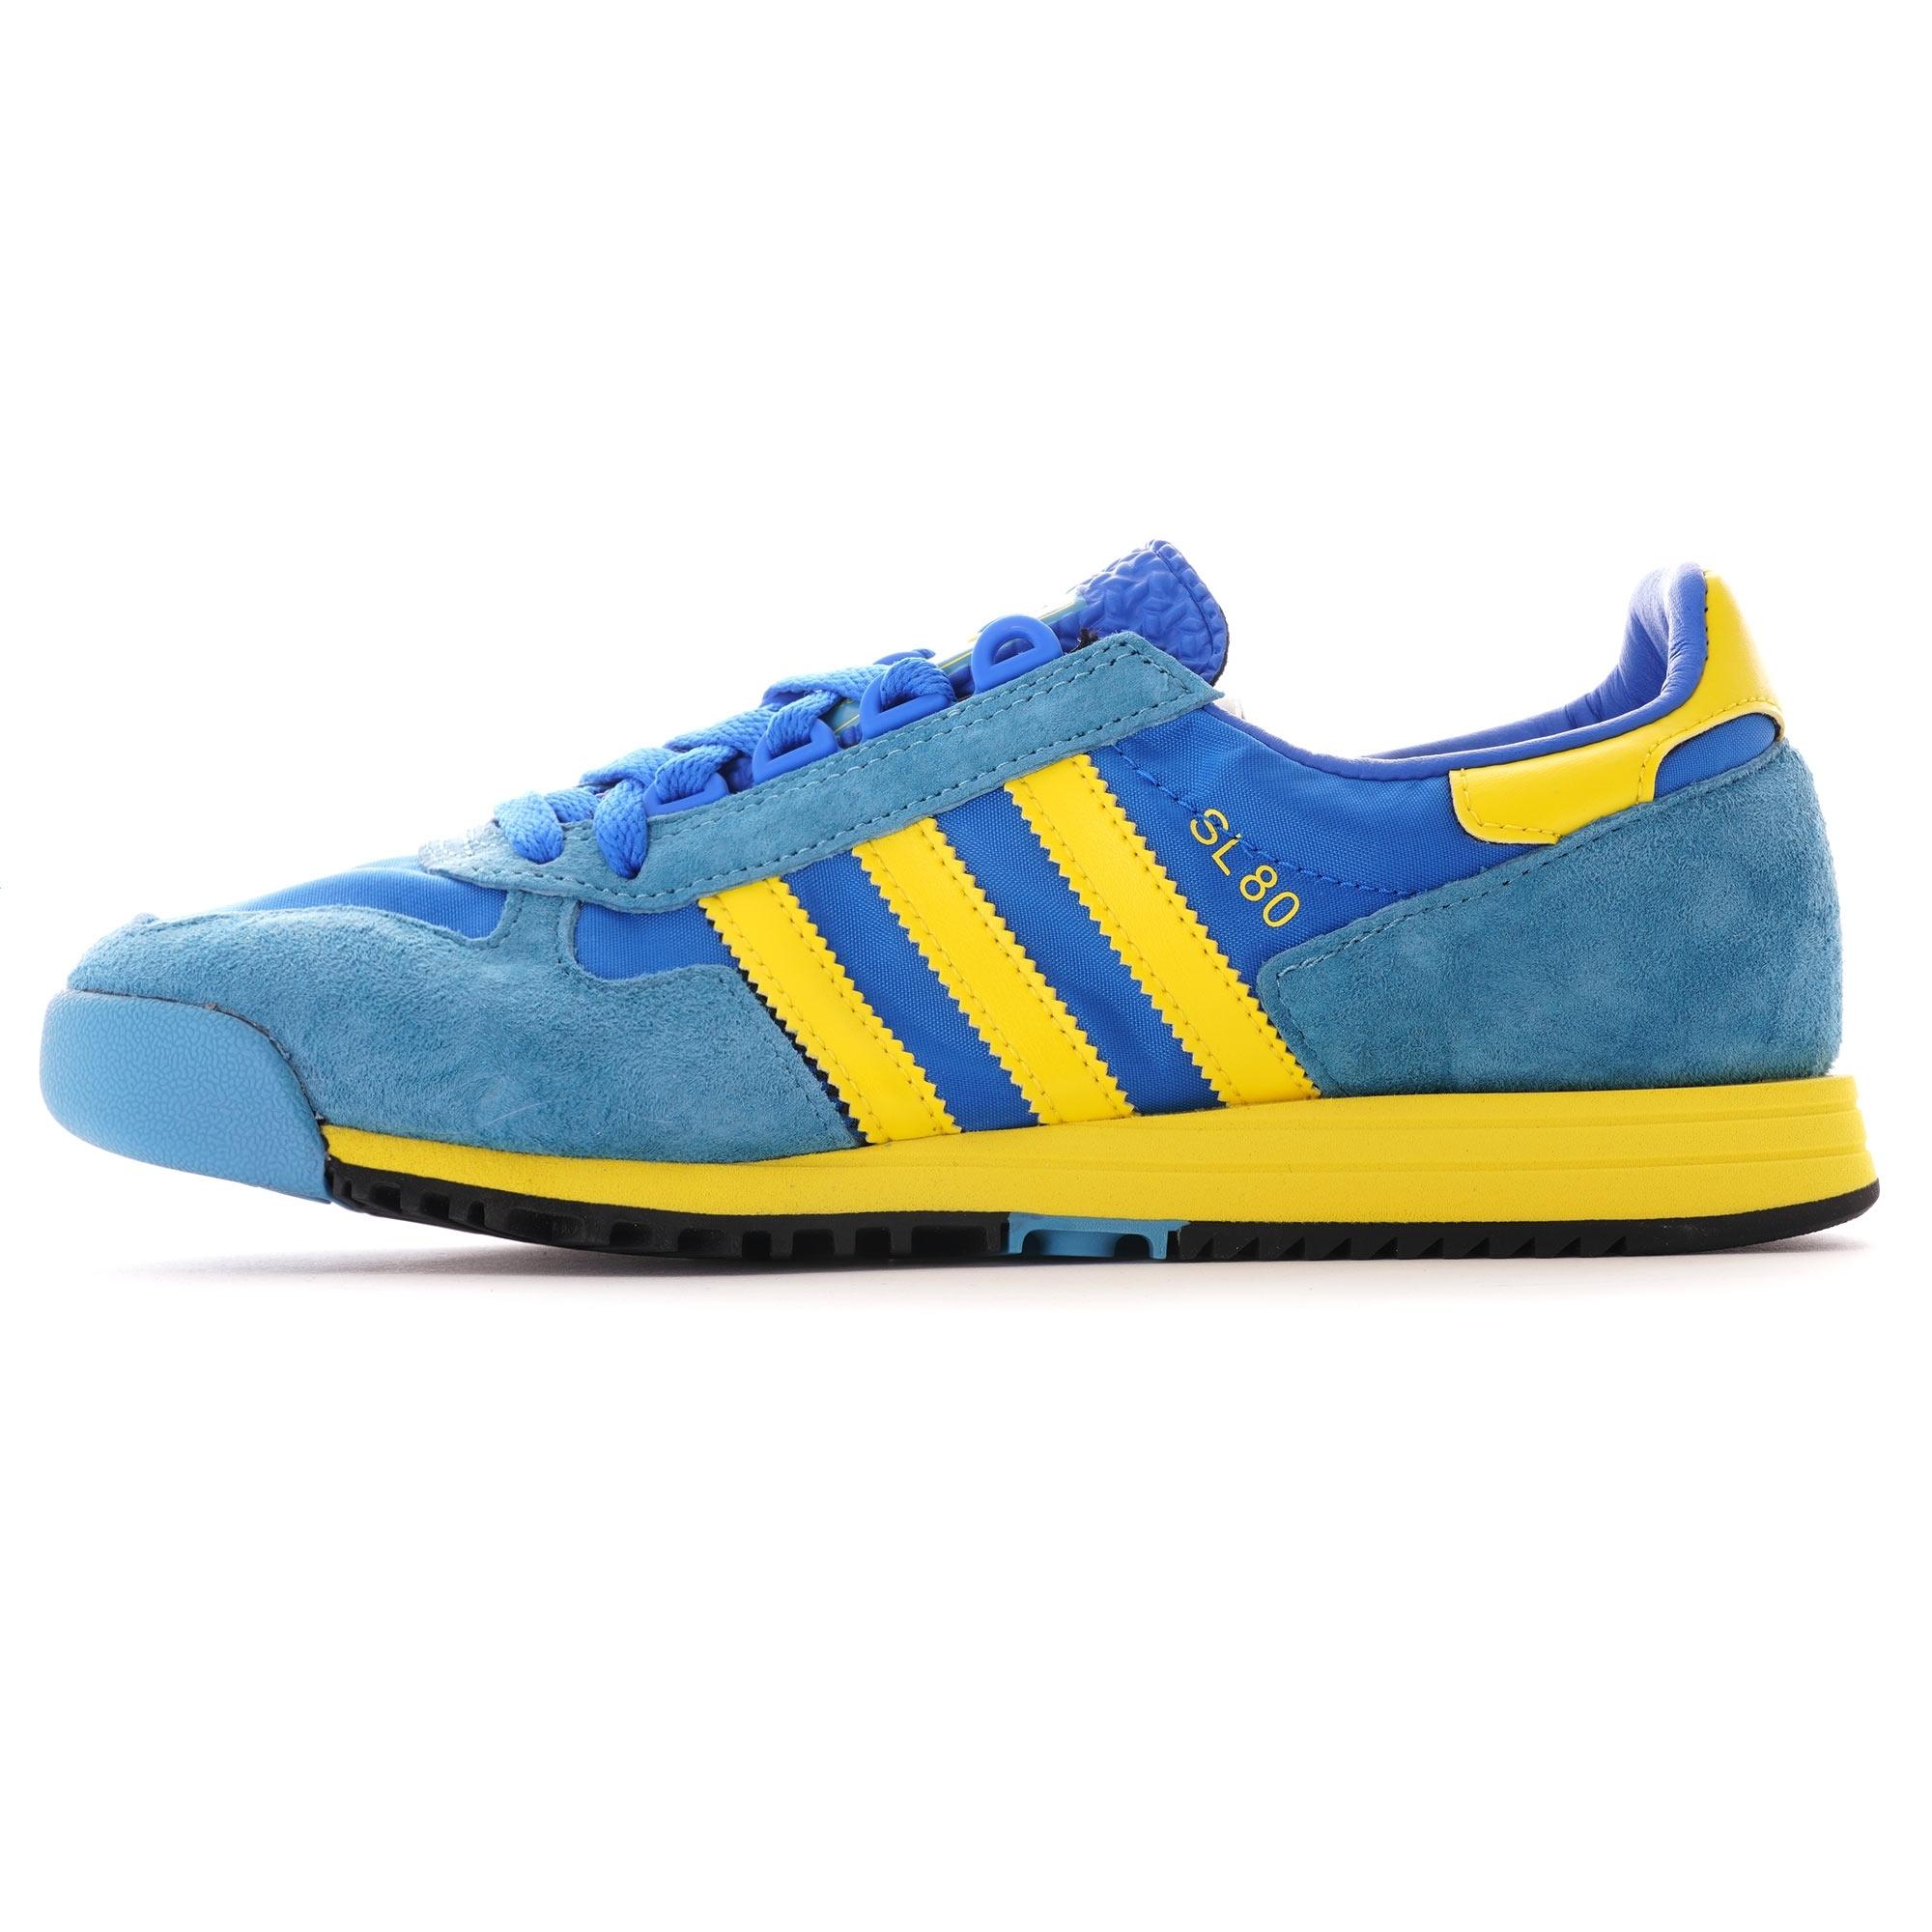 Adidas Originals SL 80 Shoes - Glory Blue